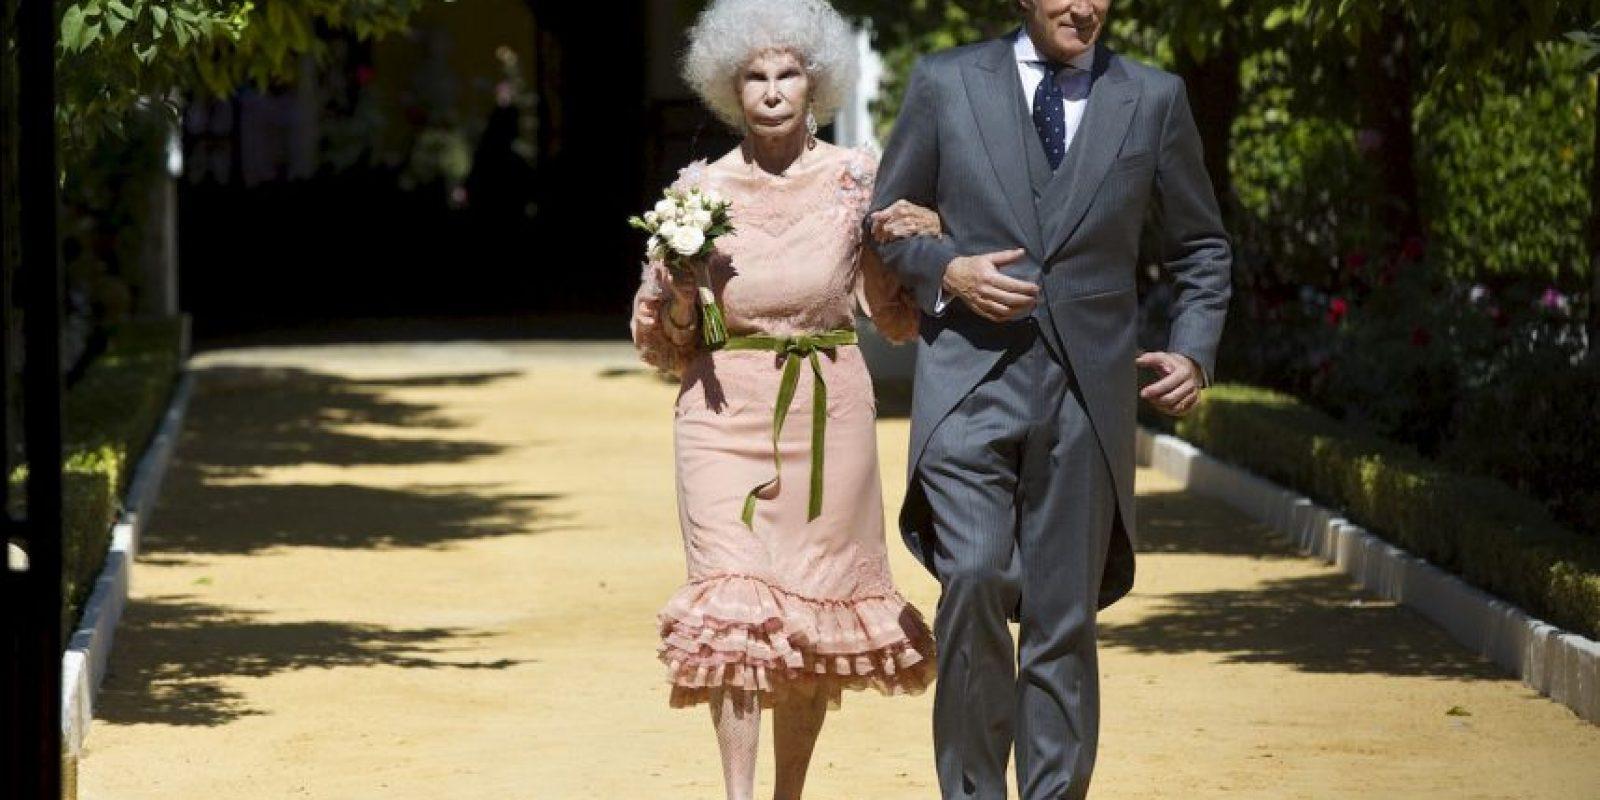 Duquesa de Alba es hospitalizada y tiene un pronóstico reservado En 2008 inició una relación con Alfonso Díez Carabantes. Foto:Getty